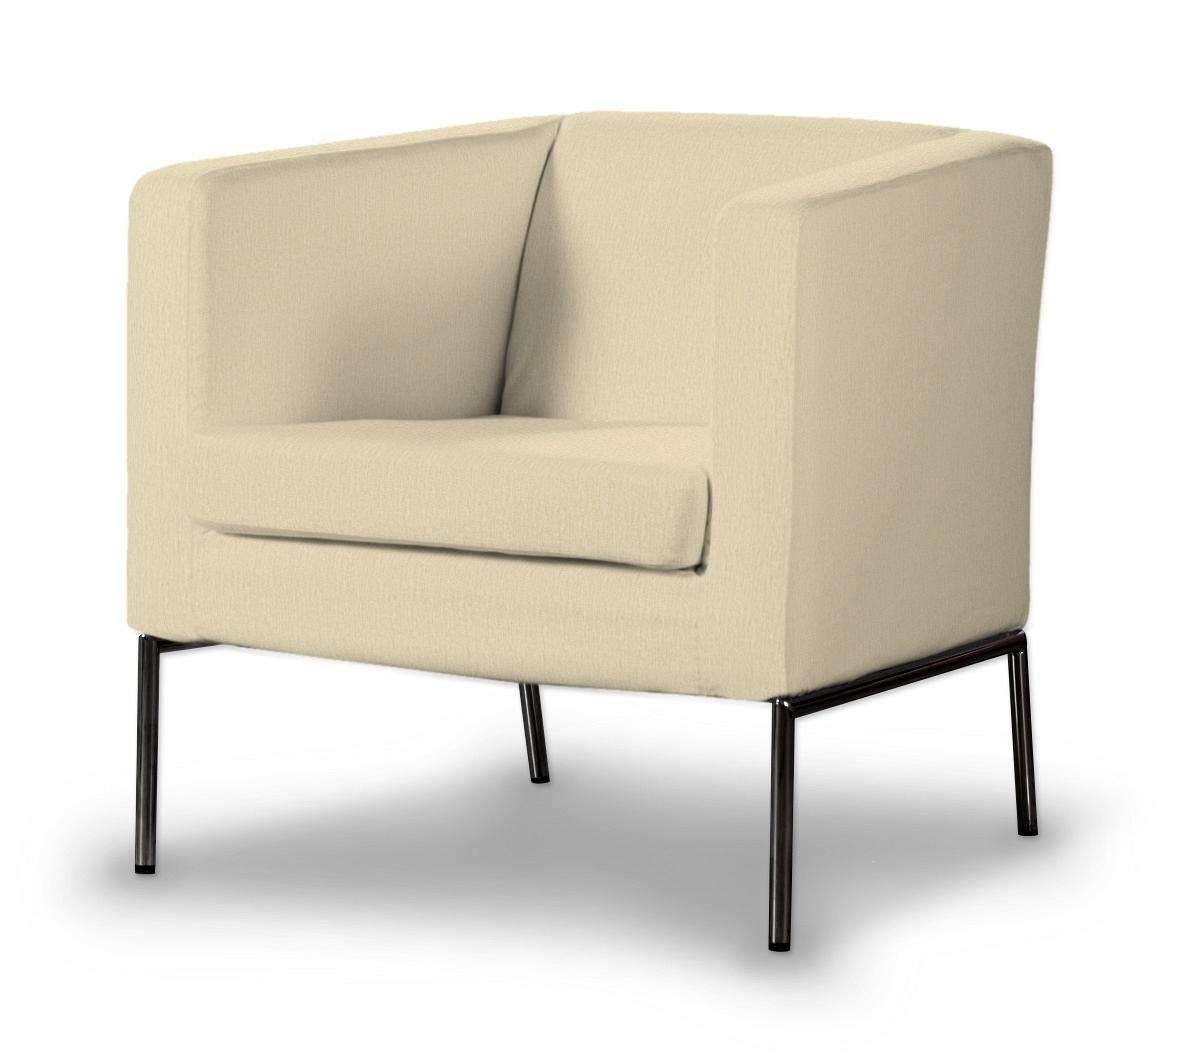 Pokrowiec na fotel Klappsta Fotel Klappsta w kolekcji Chenille, tkanina: 702-22